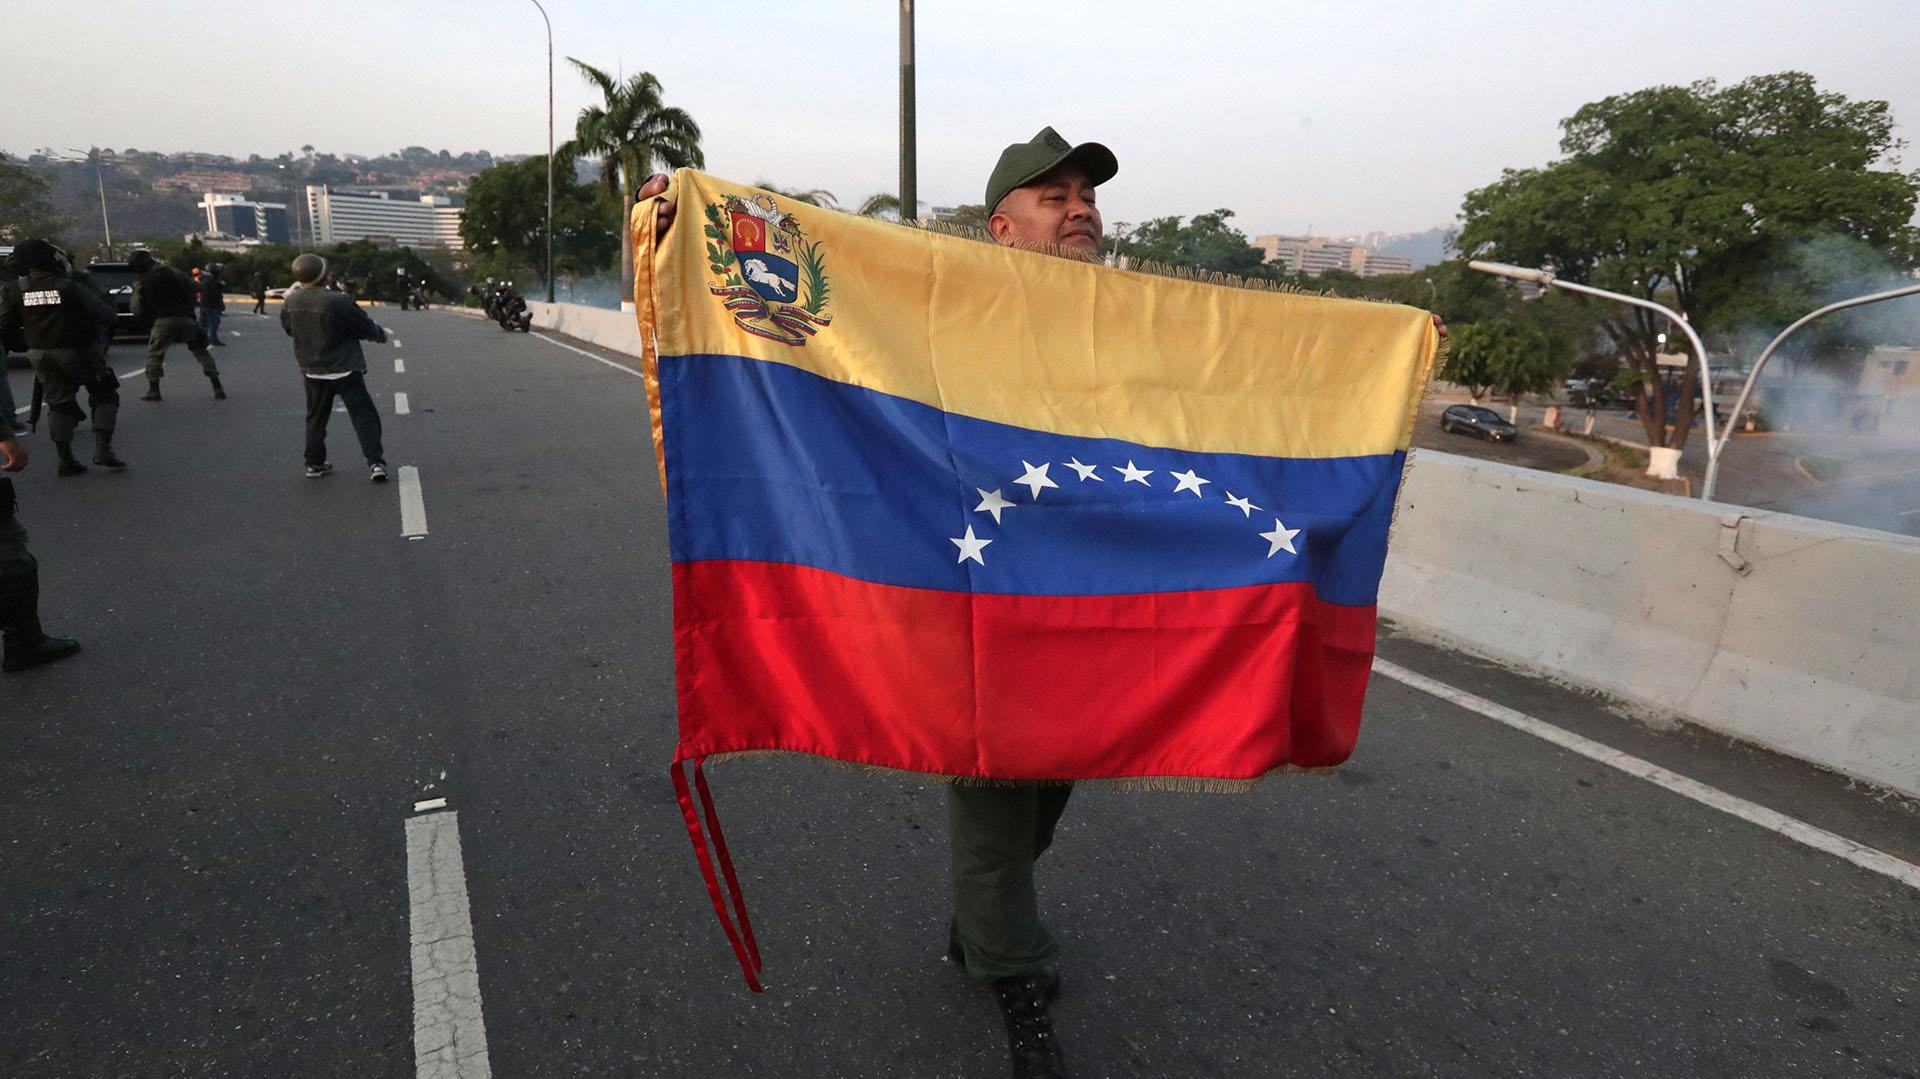 Un militar despliega una bandera en la base de La Carlota, al este de Caracas, donde ha sido conducido el opositor Leopoldo López, tras ser liberado este martes y donde se ha reunido con el presidente Juan Guaidó, que ha anunciado que los militares han dado el paso para unirse a él.